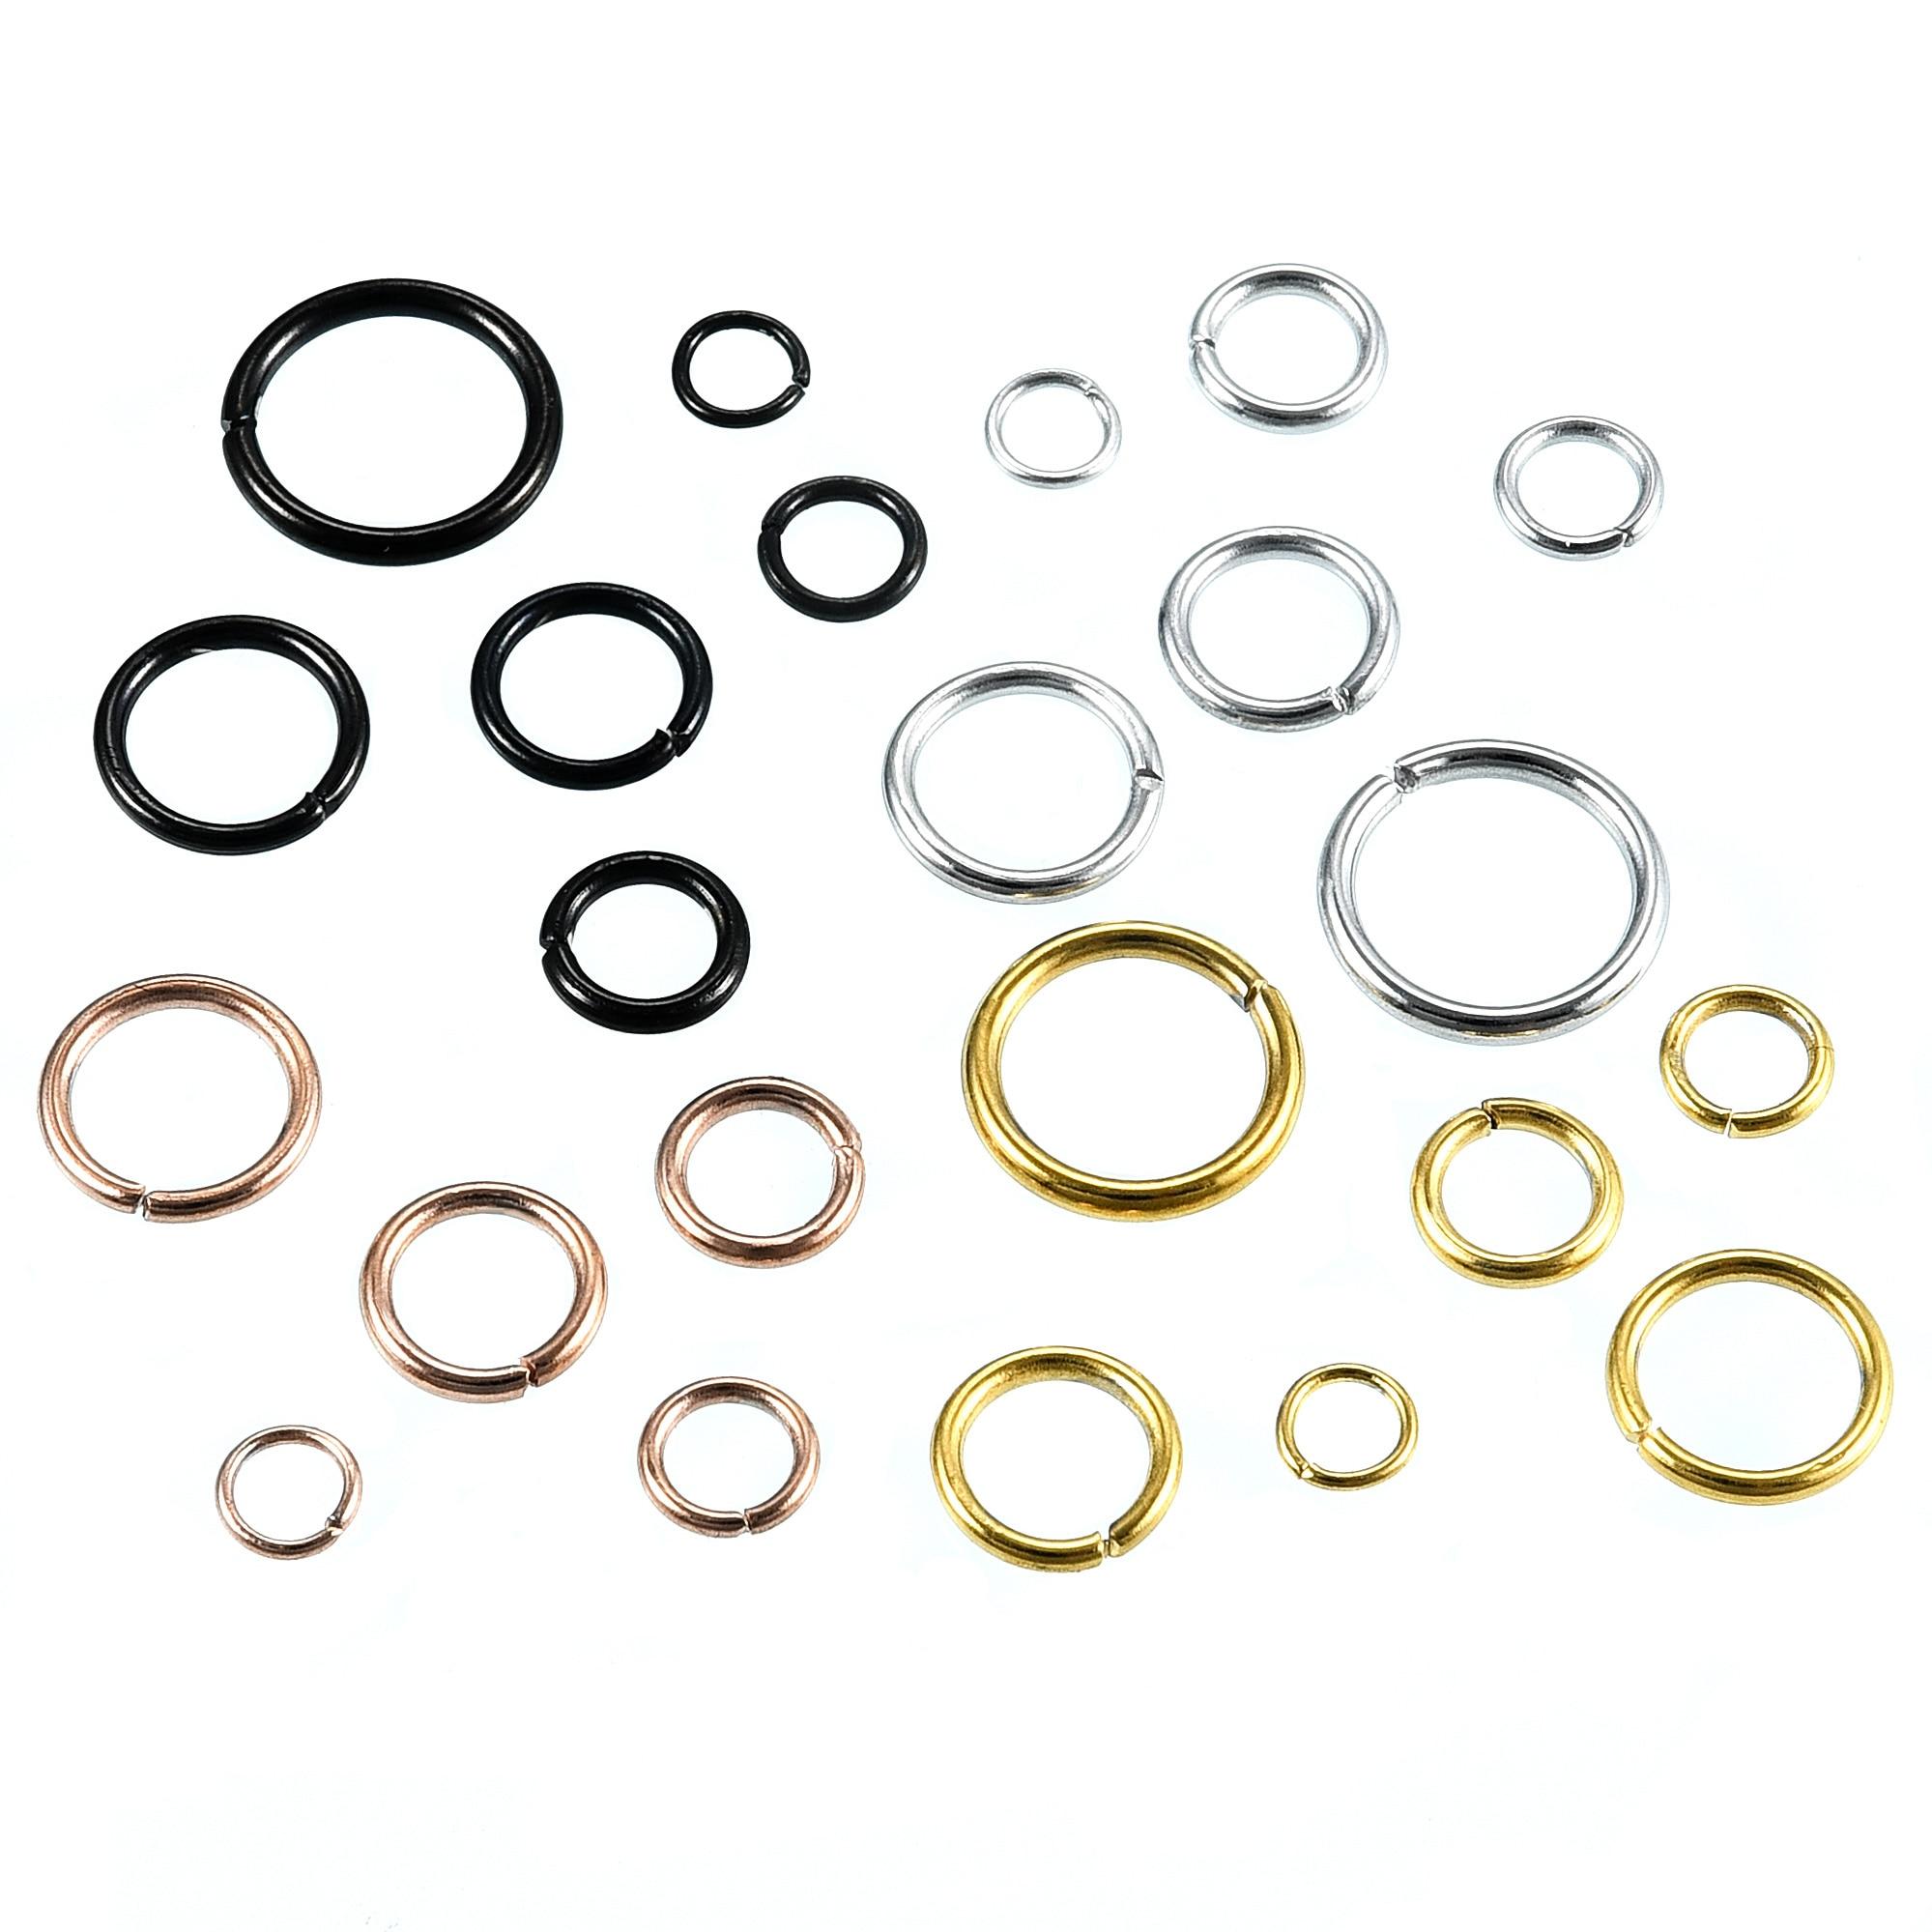 100 шт./лот открытые соединительные кольца из нержавеющей стали, прямые разъемные кольца 4/5/6 мм, соединители для рукоделия, фурнитура для изго...